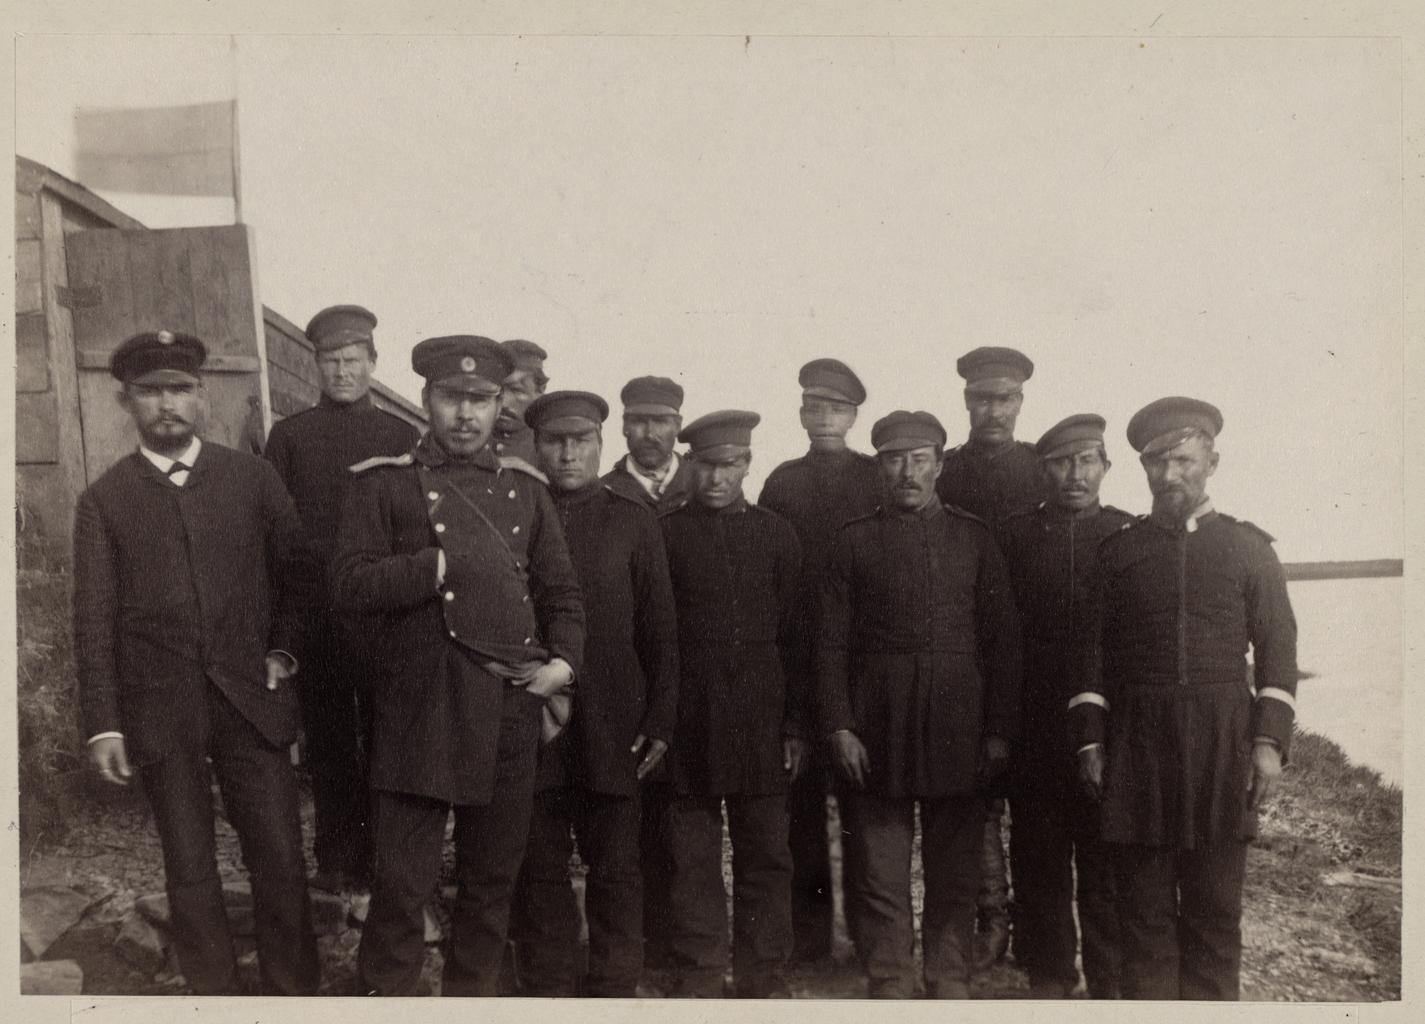 Личный состав экспедиции доктор Гриневецкий, чиновник Дмитриев, десятник Павлов и девять казаков